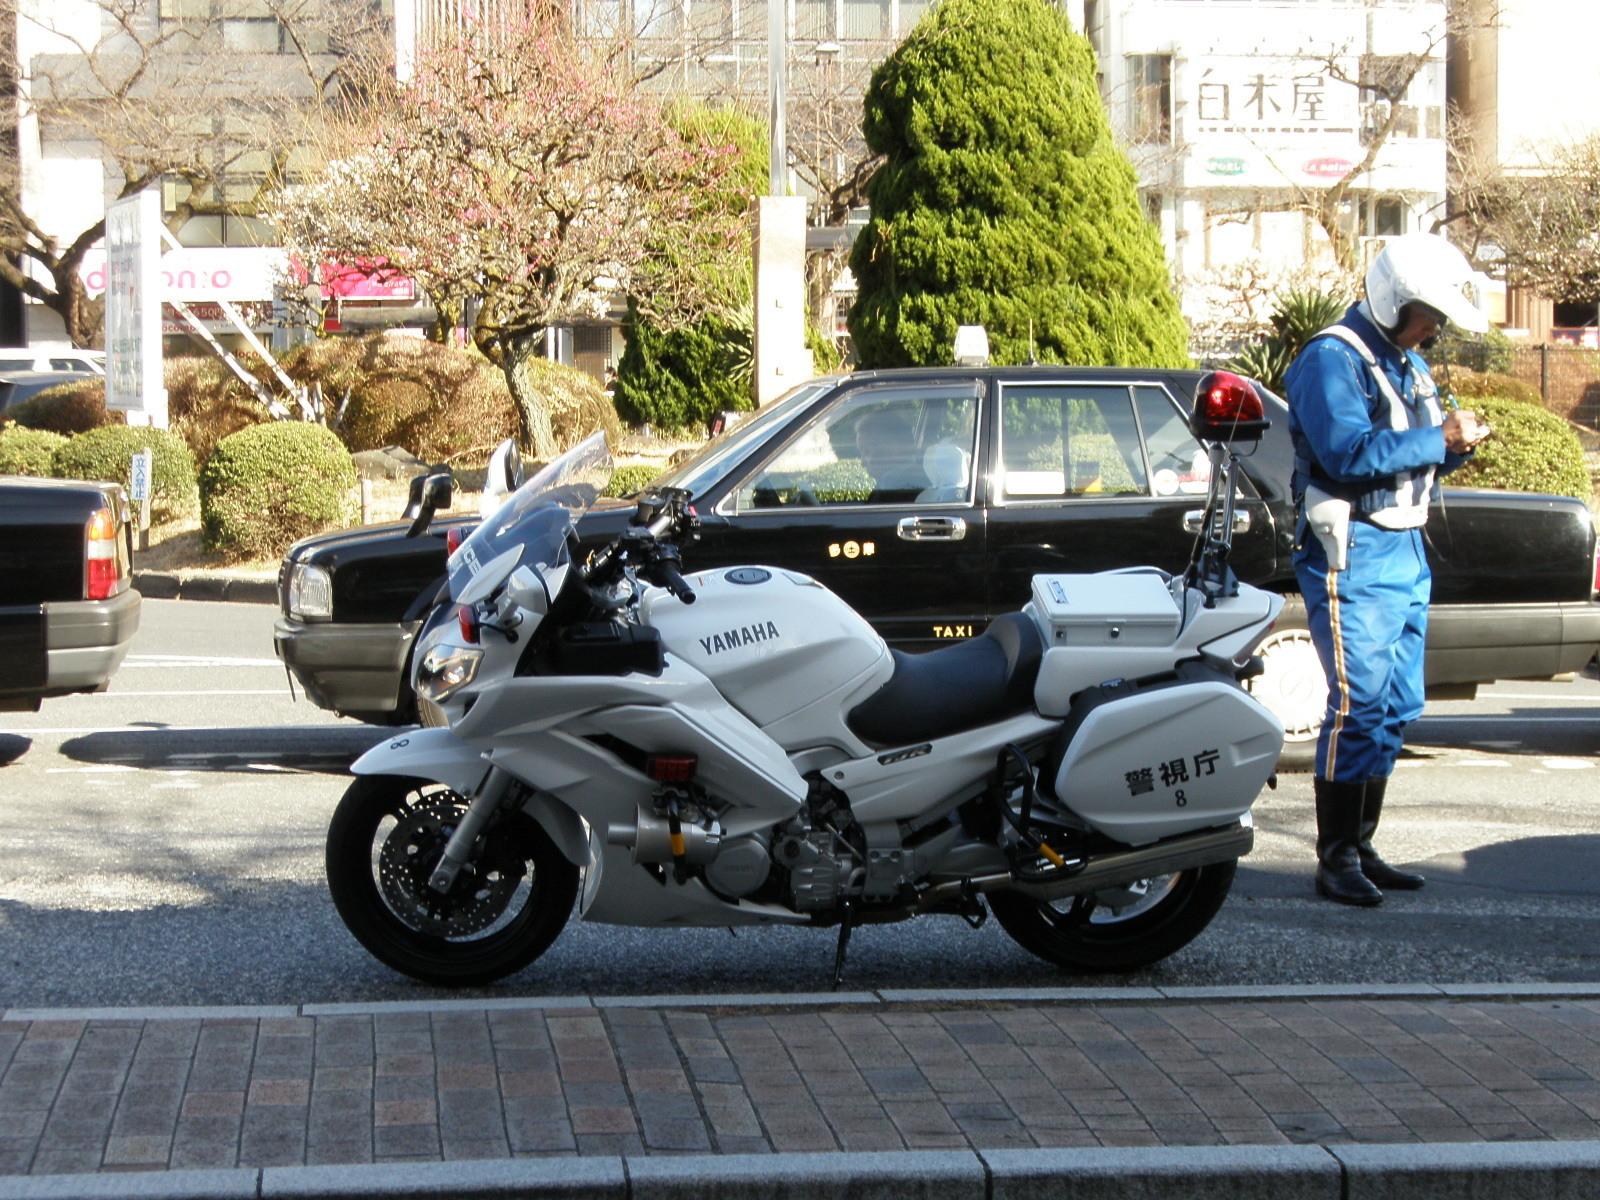 ノルマあり!?交通違反の取り締まり…絶対に捕まりたくない!